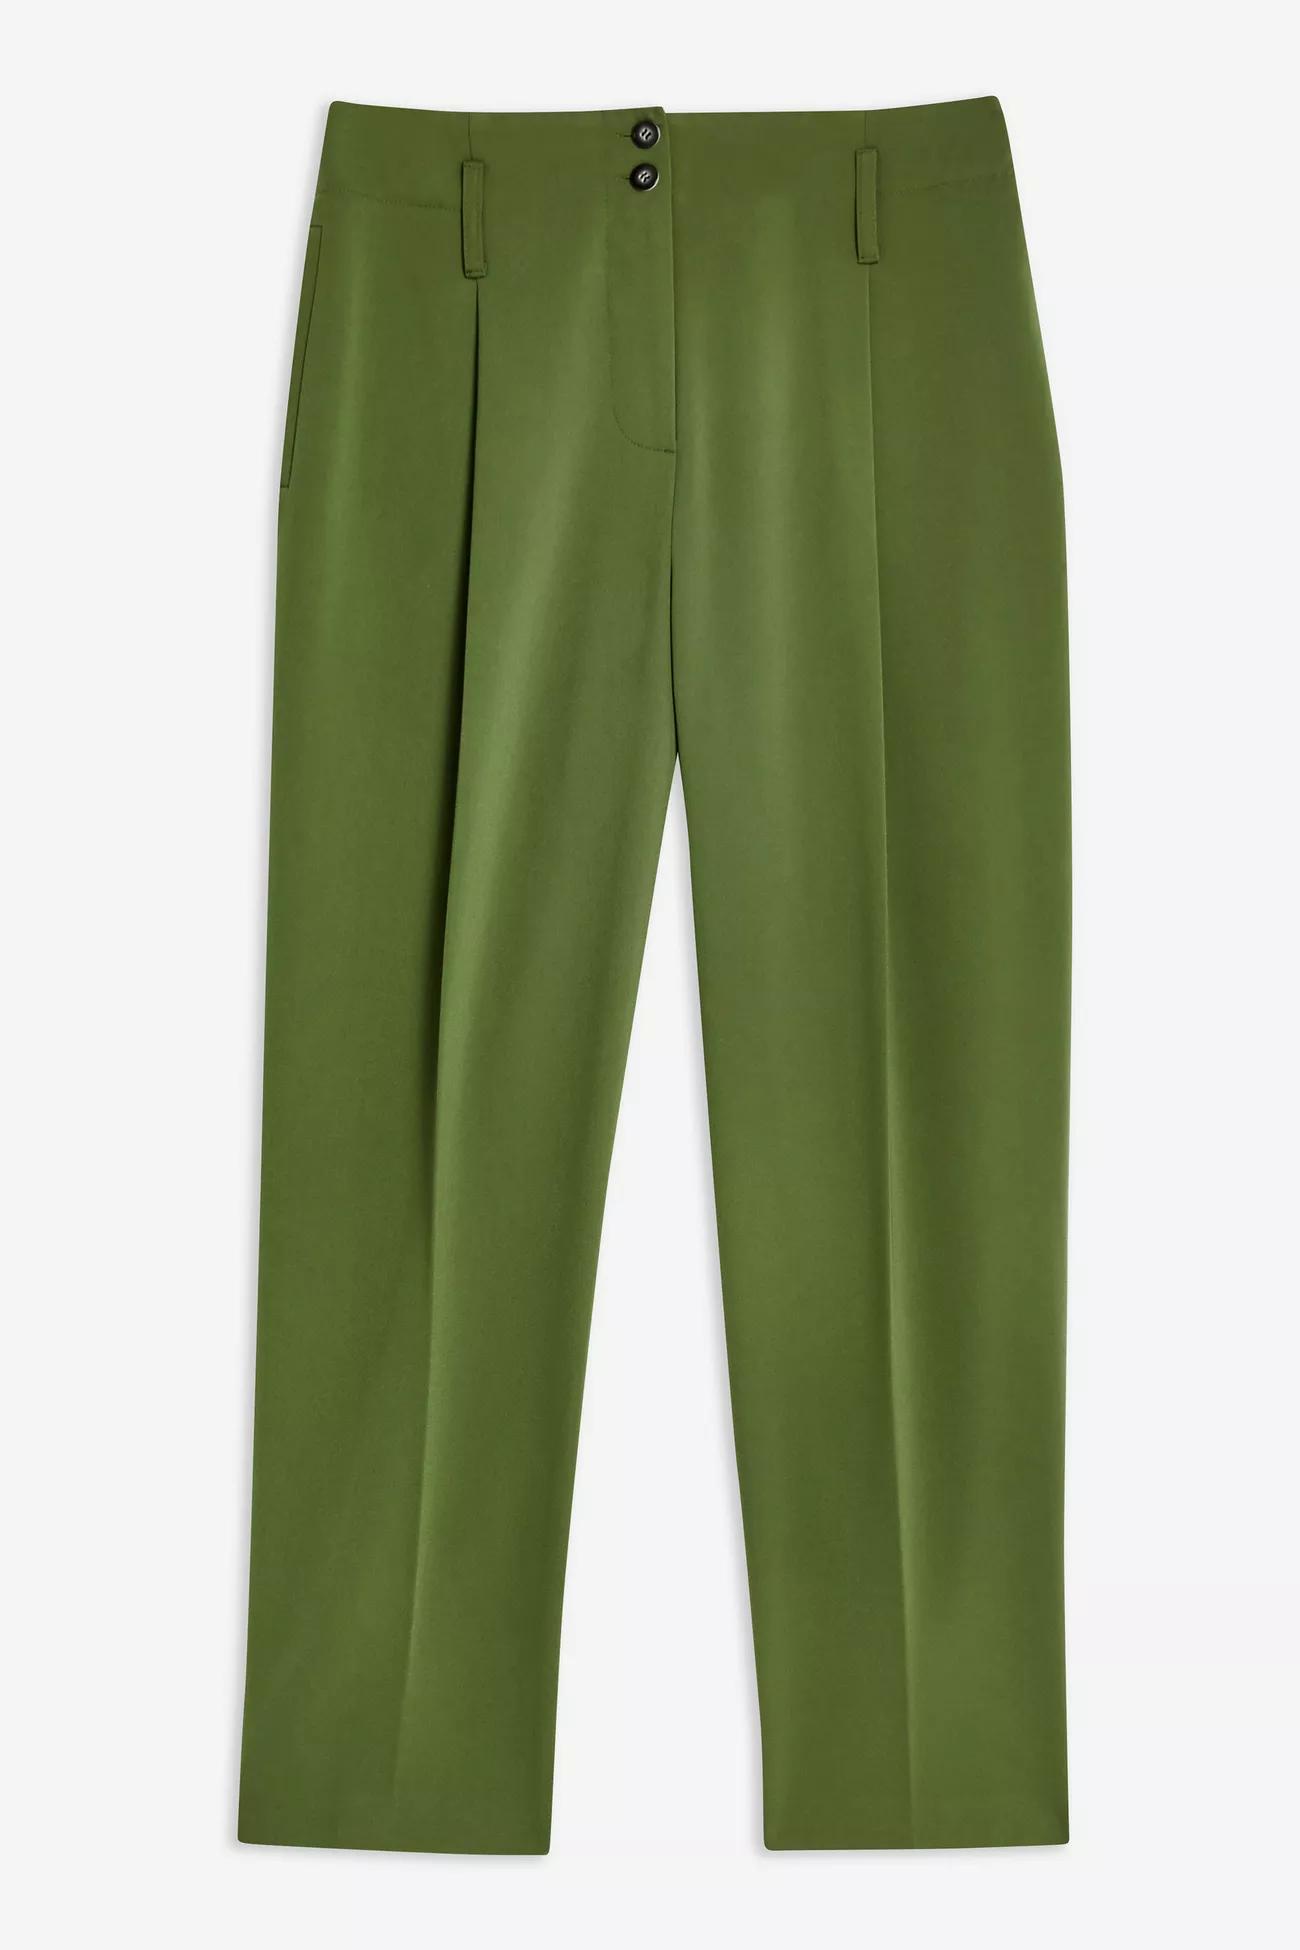 Button Peg Trousers, $55, Topshop